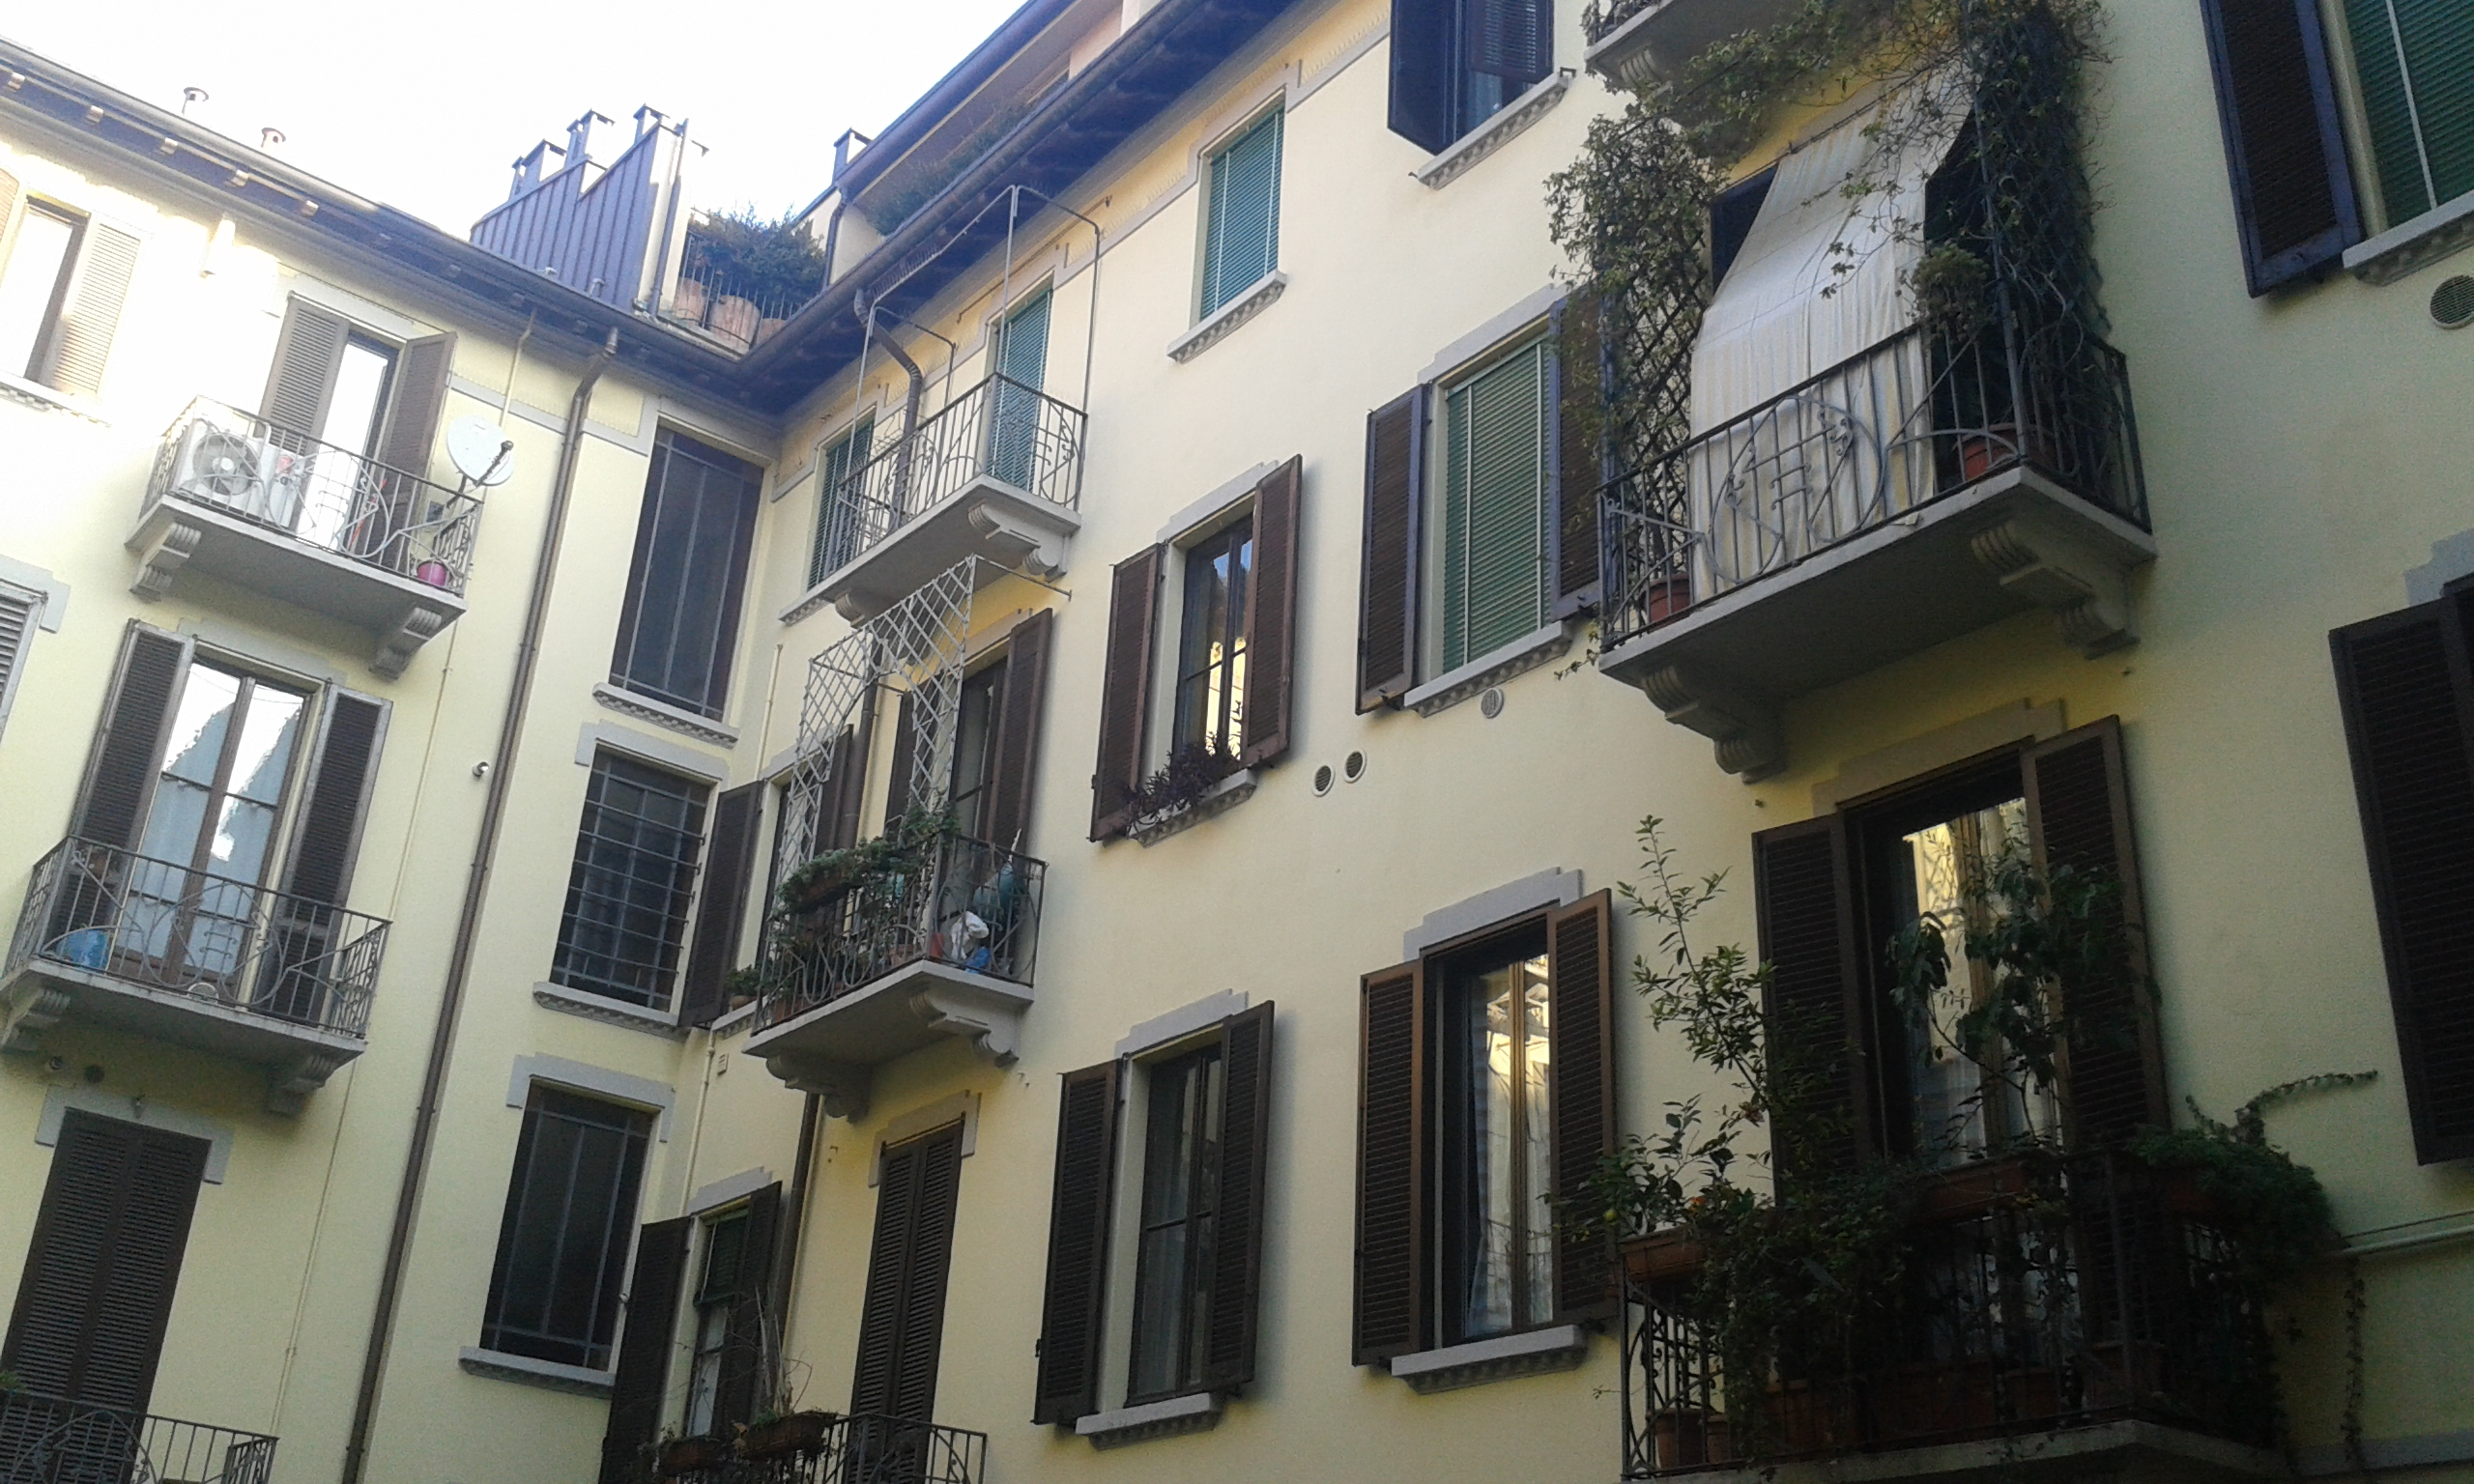 Parapetti per balconi e terrazze mfs carpenteria fabbro for Arredo balconi e terrazze